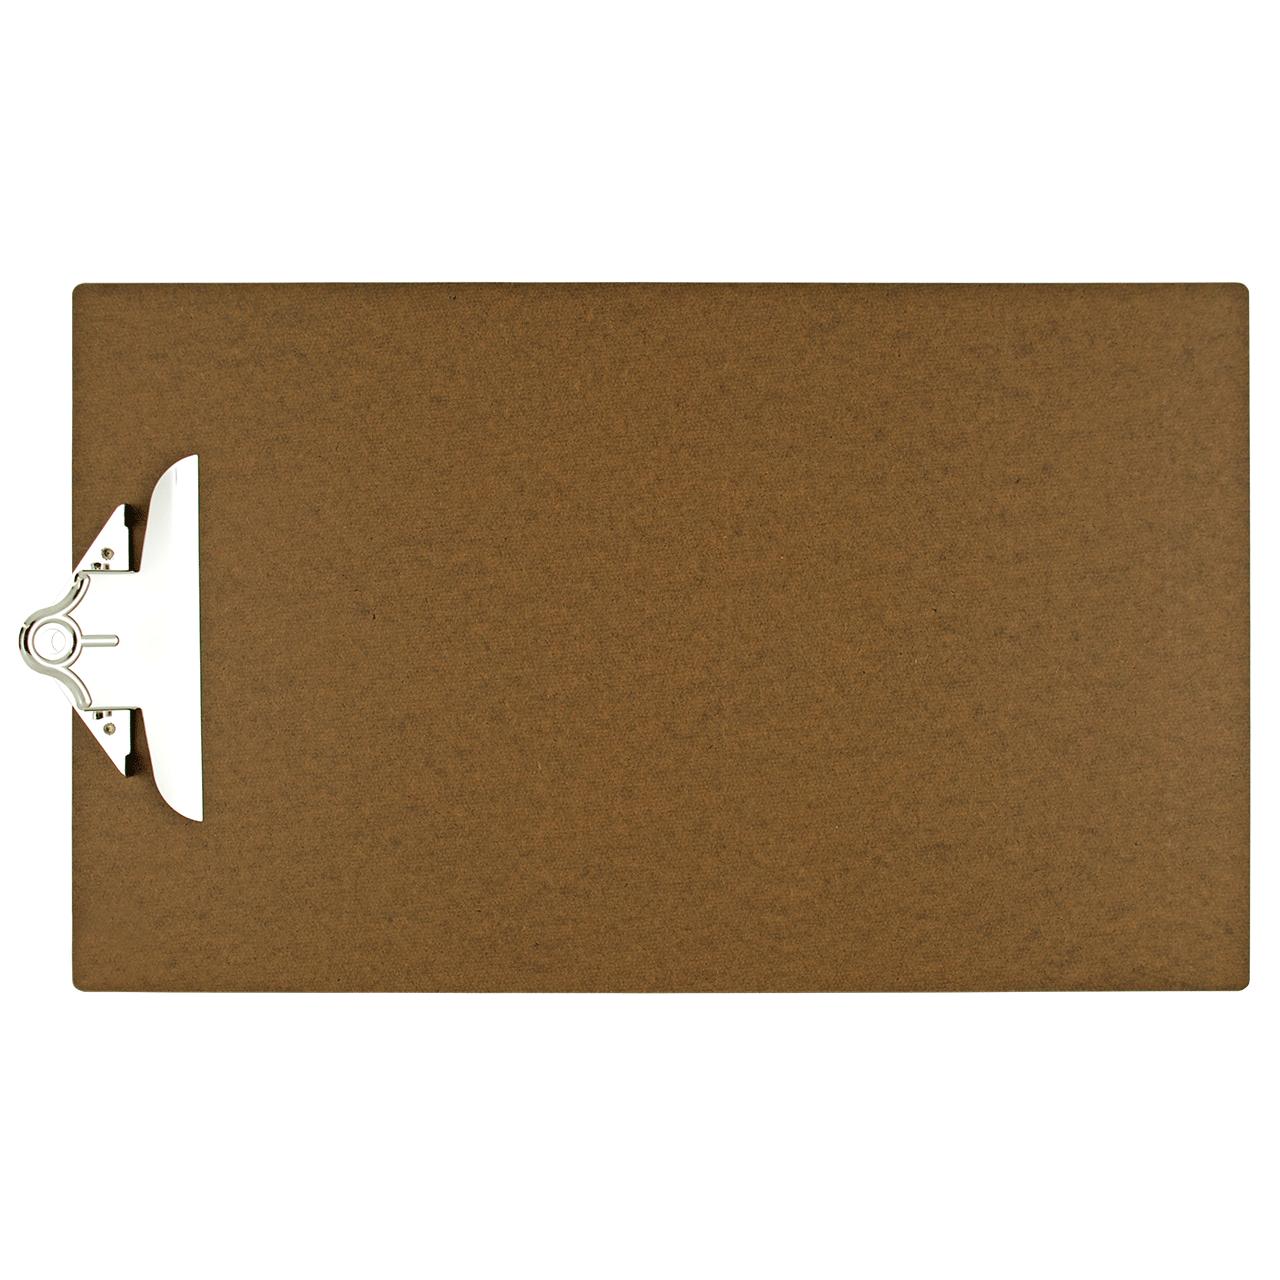 11x17 Hardboard Clipboard With 6 Jumbo Clip Vinyl Panels 11x17 Clipboard